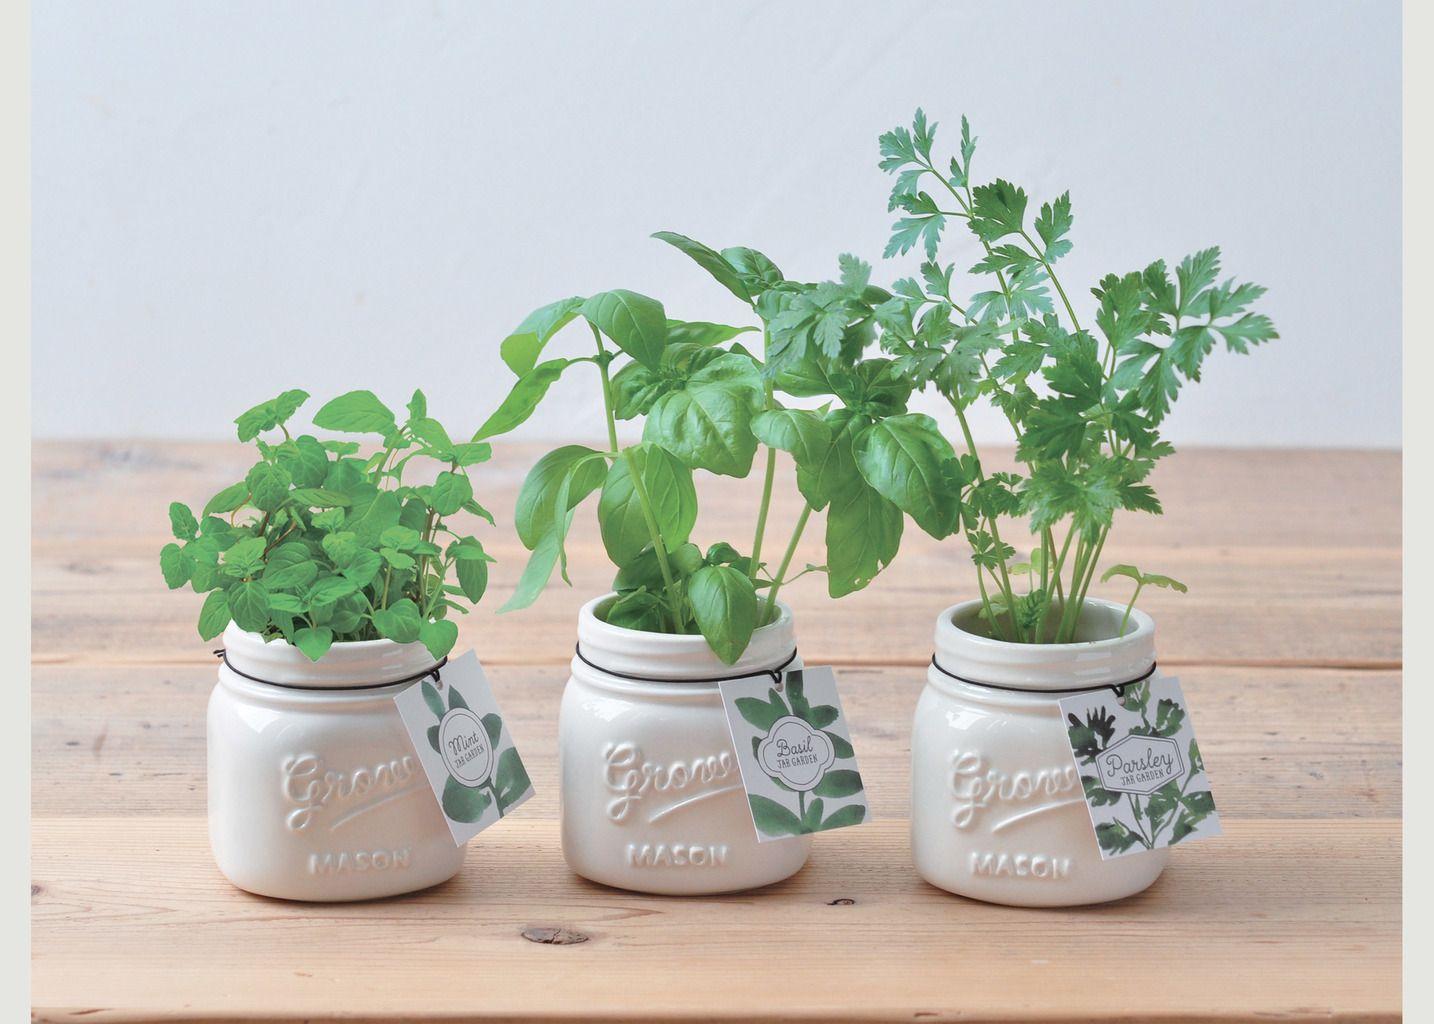 Jar Garden Basilic - Noted